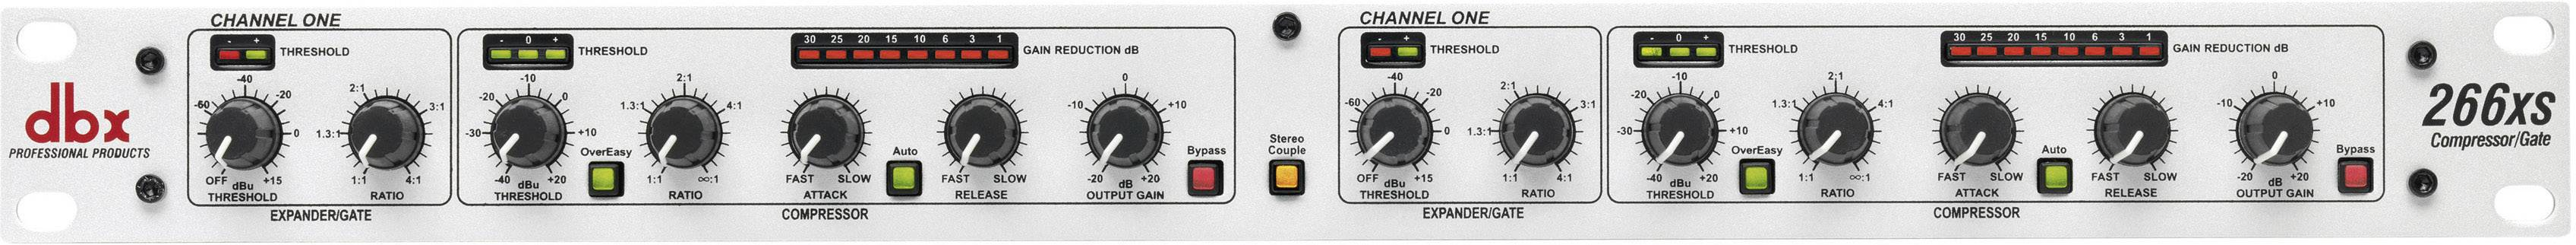 Kompresor/limiter/gate DBX 266 XS, 2-kanálový